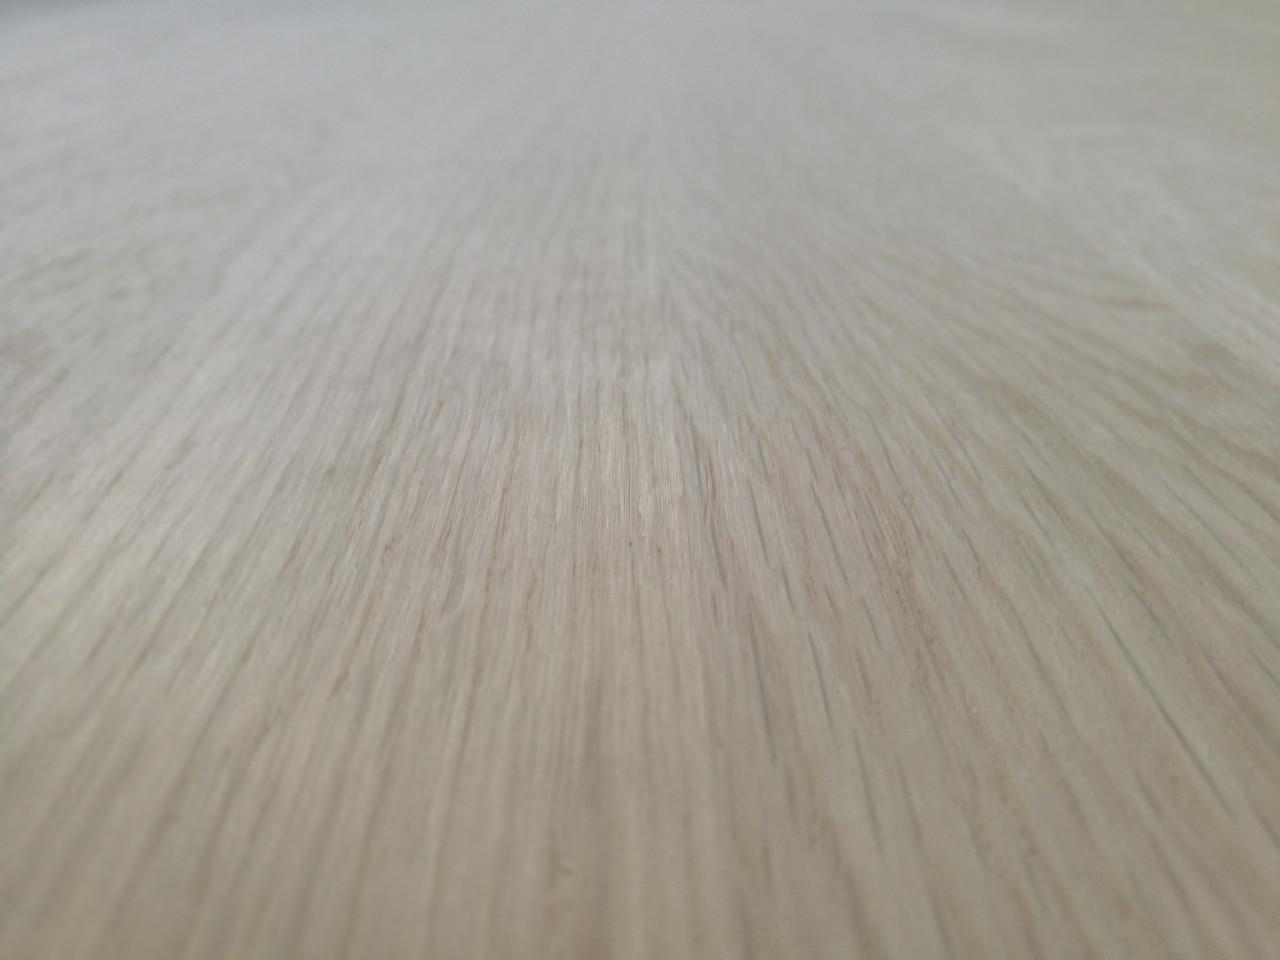 Мебельный щит Дуб (шлифованный) Толщиной 40 мм.